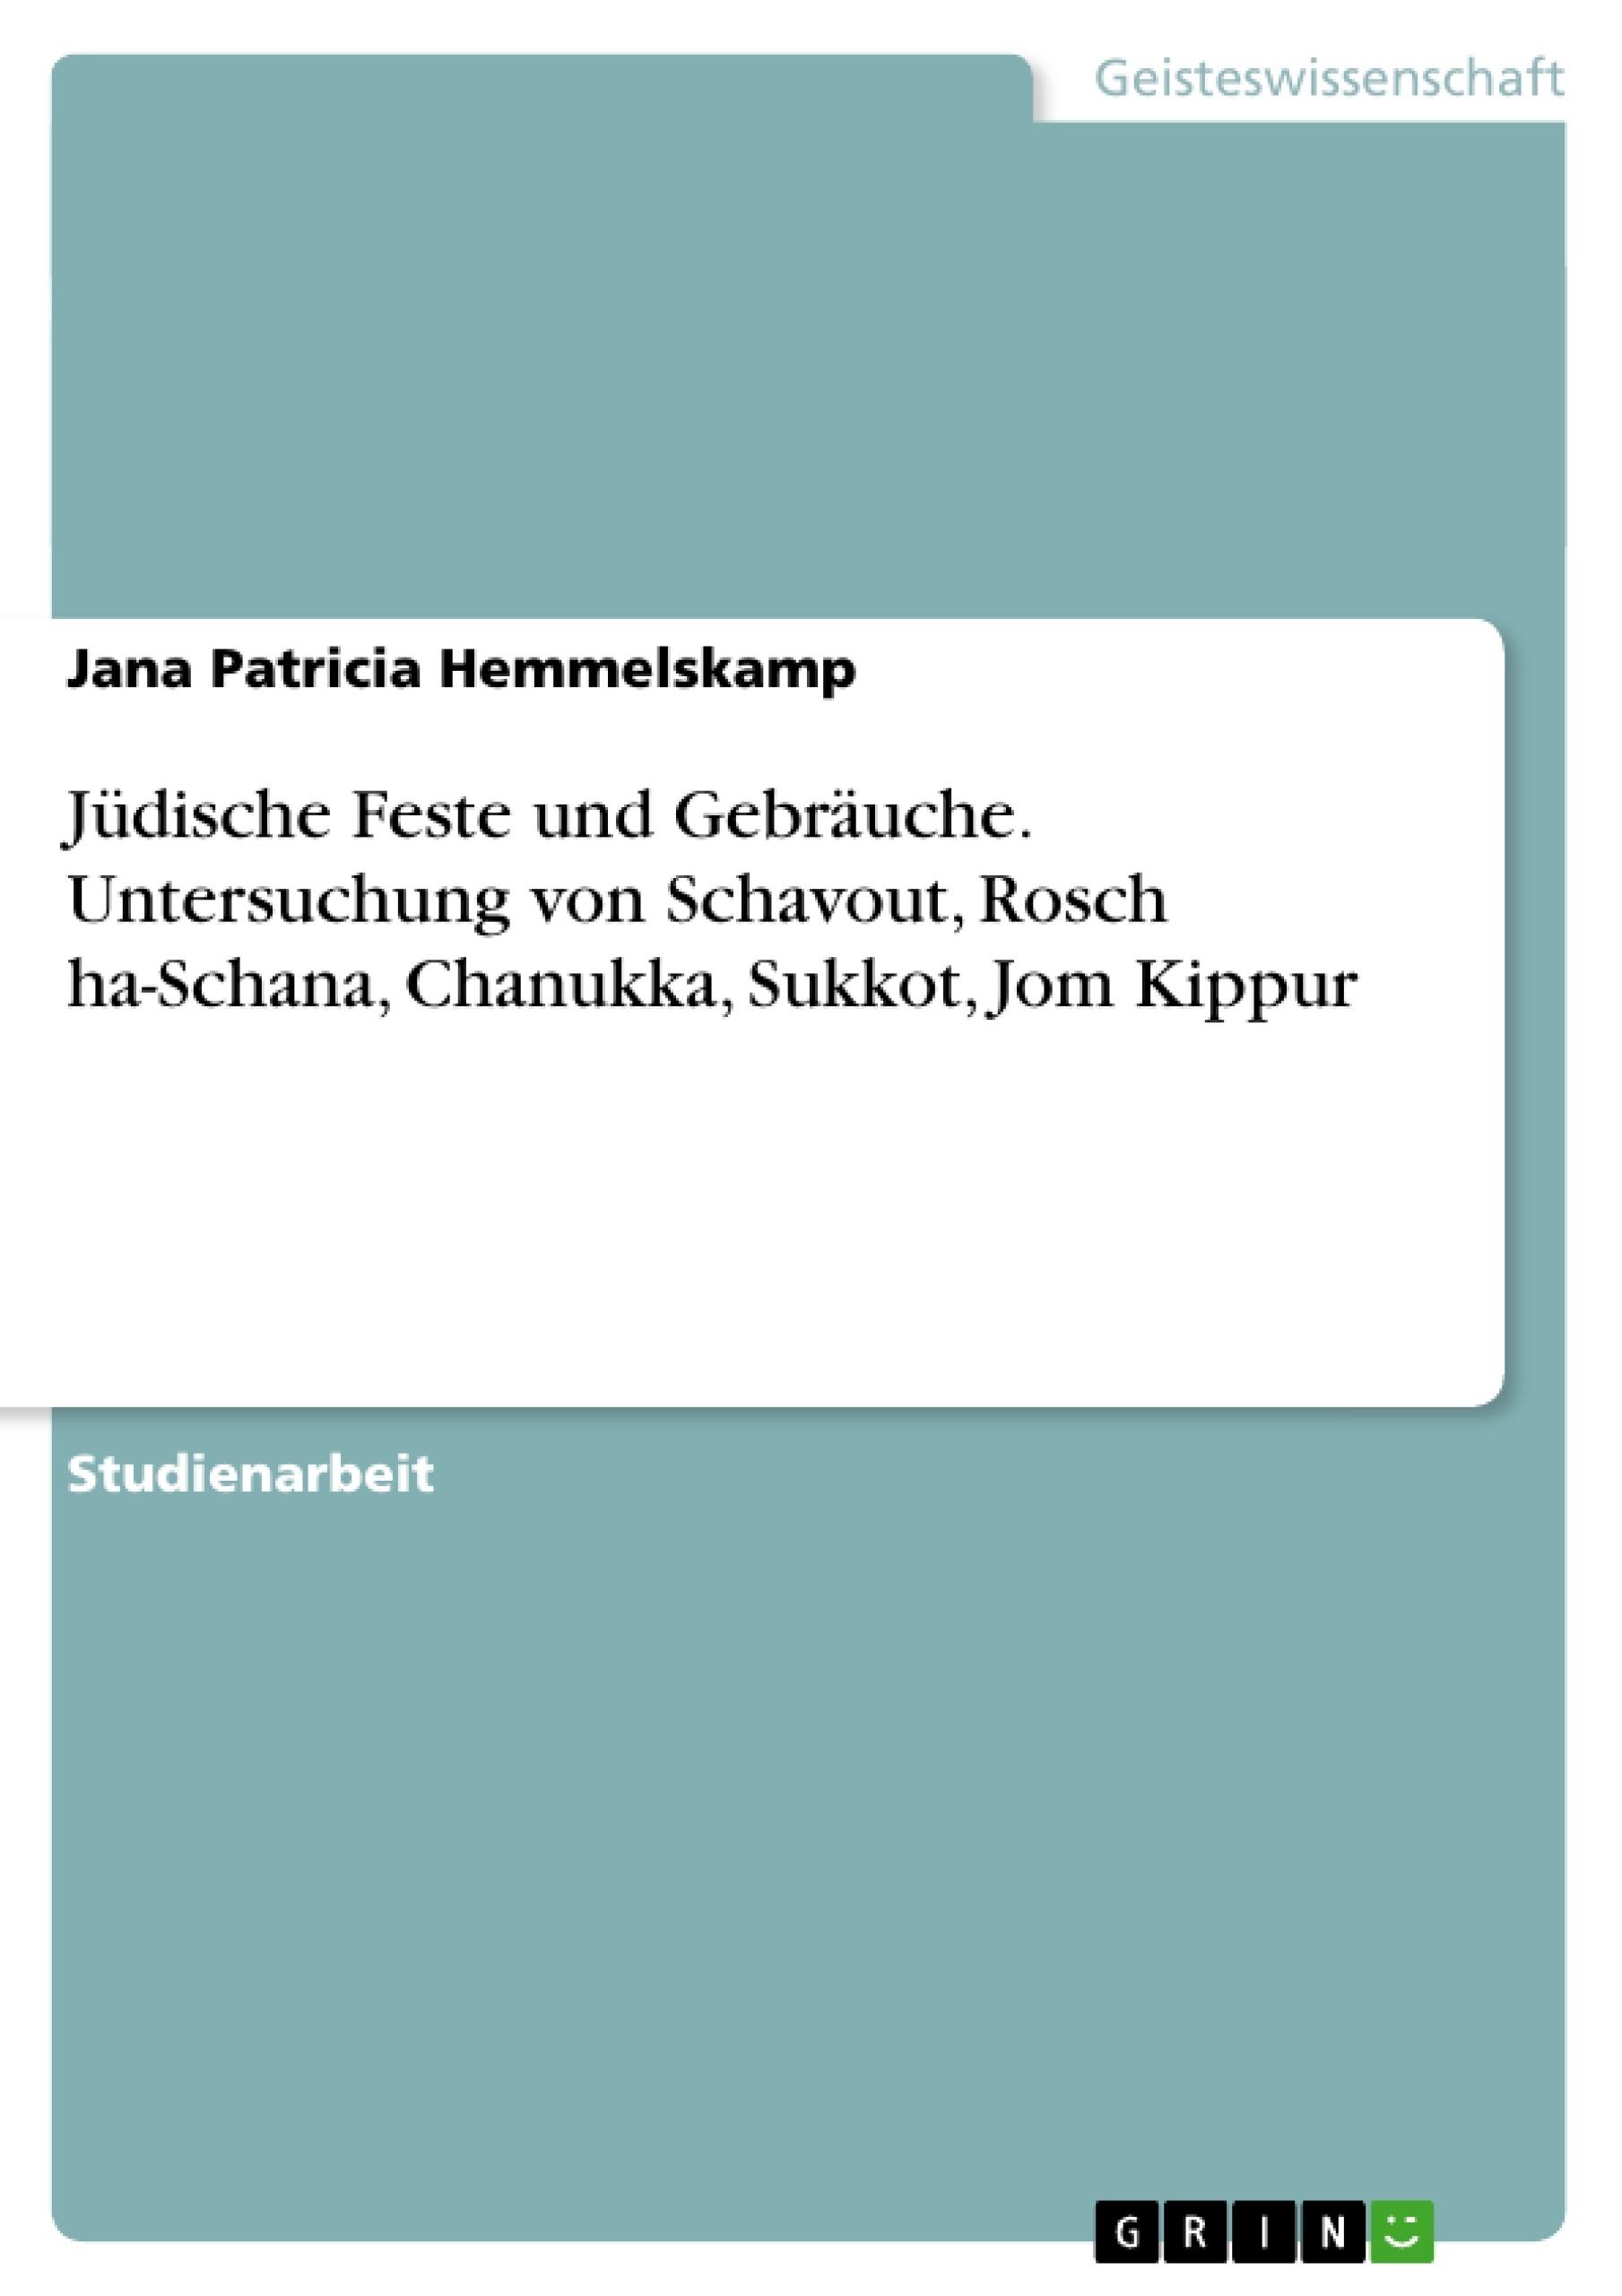 Titel: Jüdische Feste und Gebräuche. Untersuchung von Schavout, Rosch ha-Schana, Chanukka, Sukkot, Jom Kippur